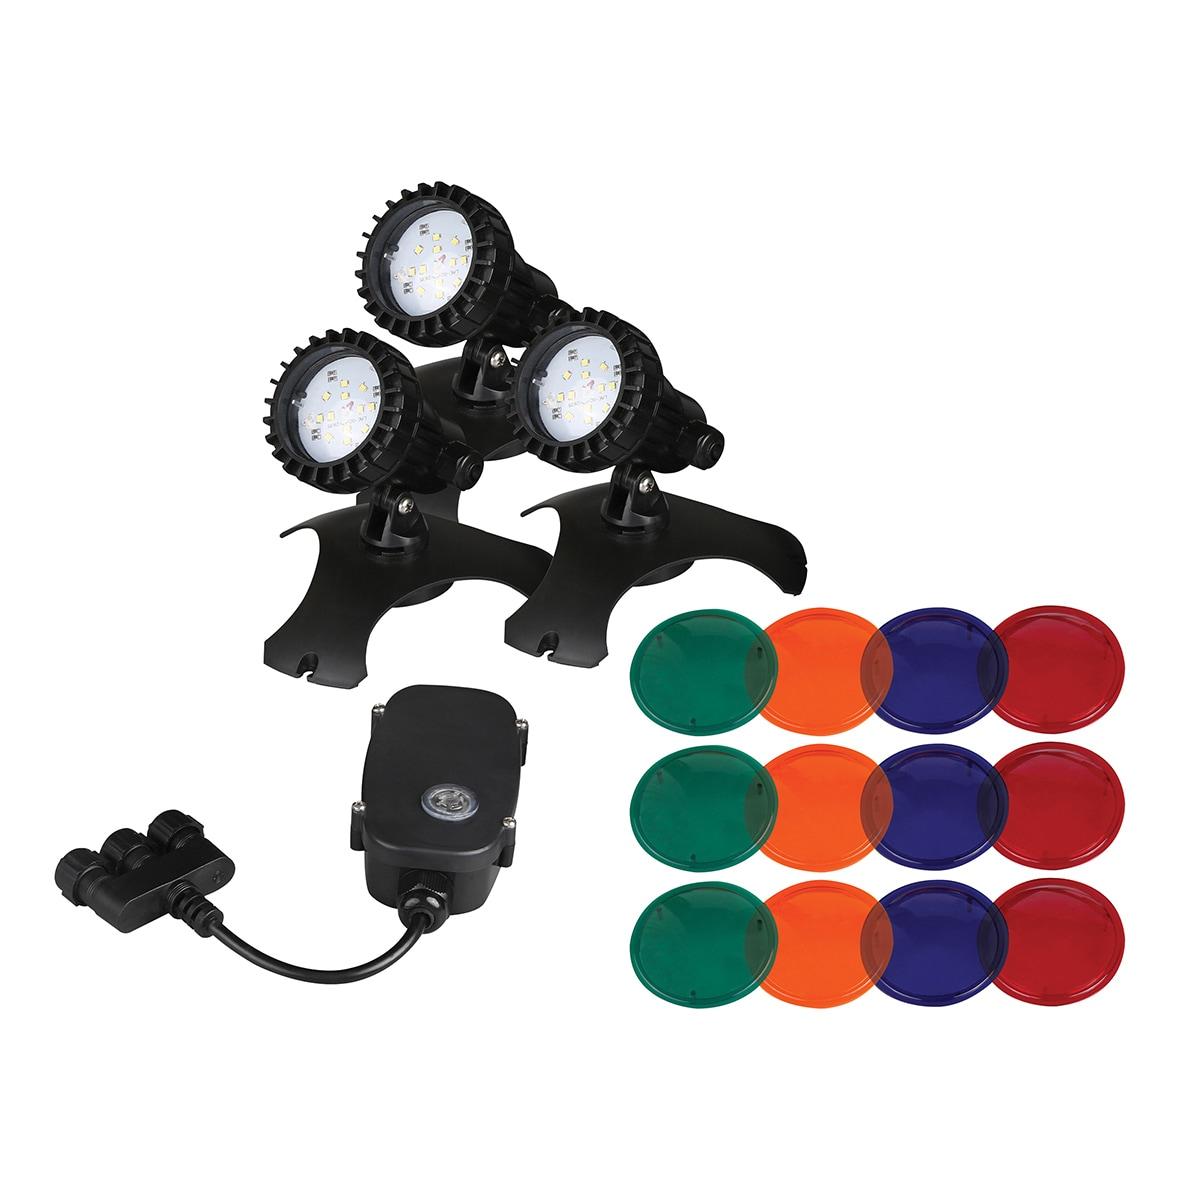 Danner Pondmaster 3 LED Pond Lights with Transformer (Bla...